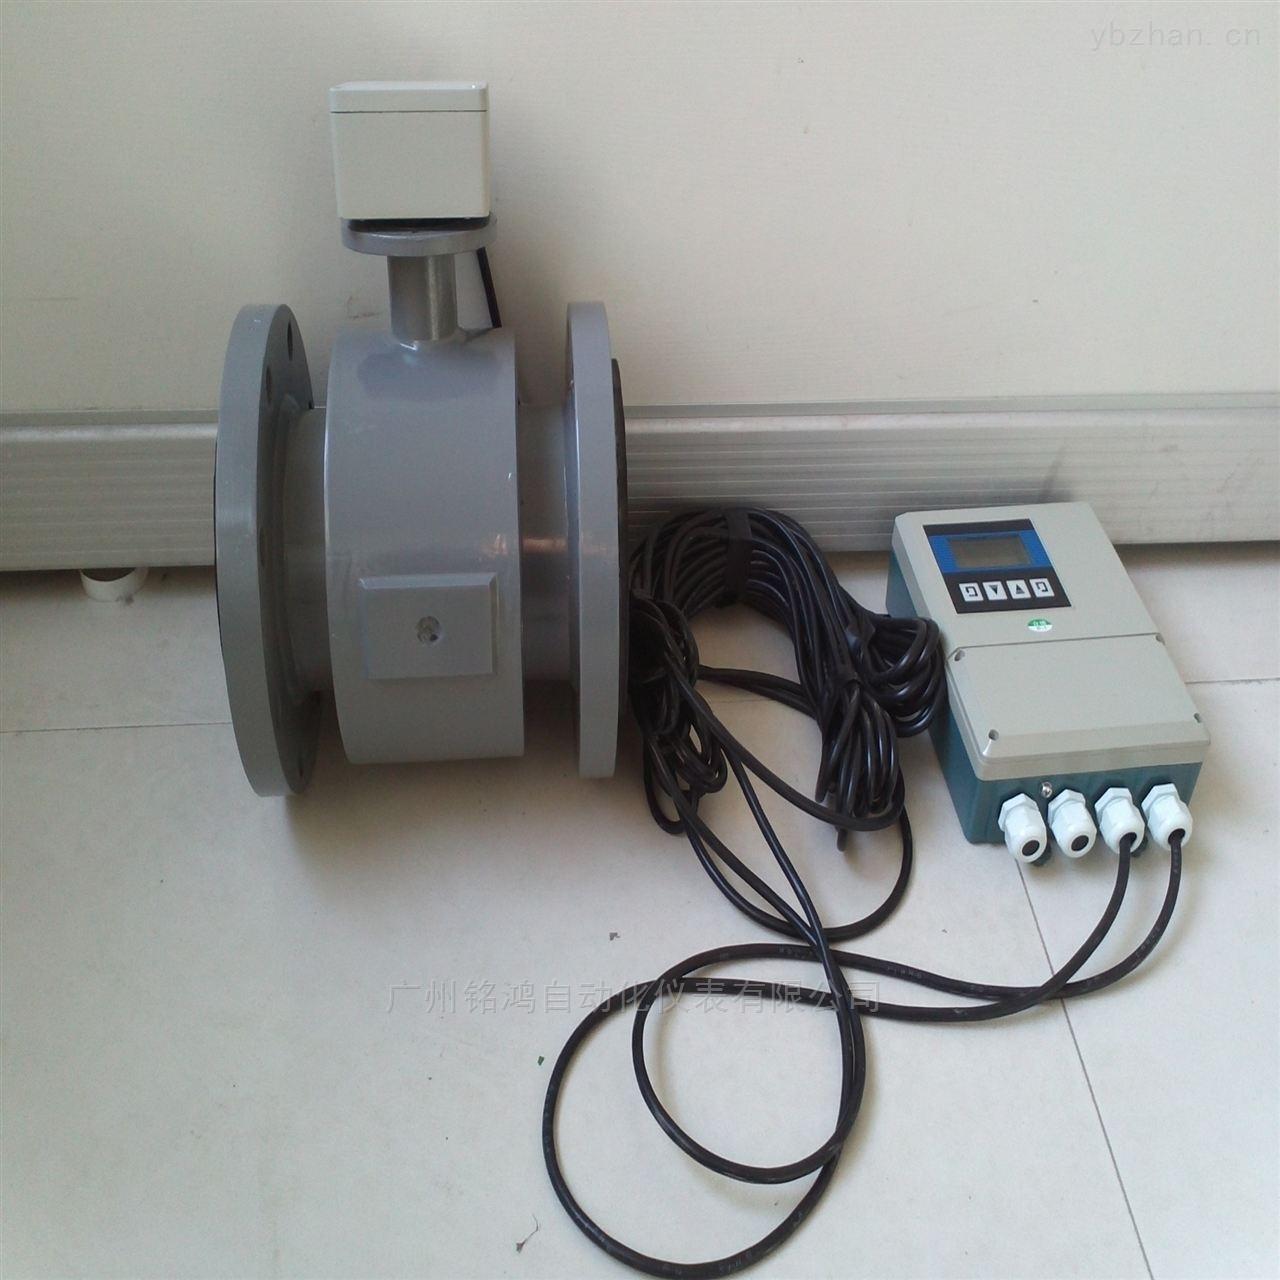 EMFM-HFD3000-海南工業循環污水電磁流量計 銘鴻牌